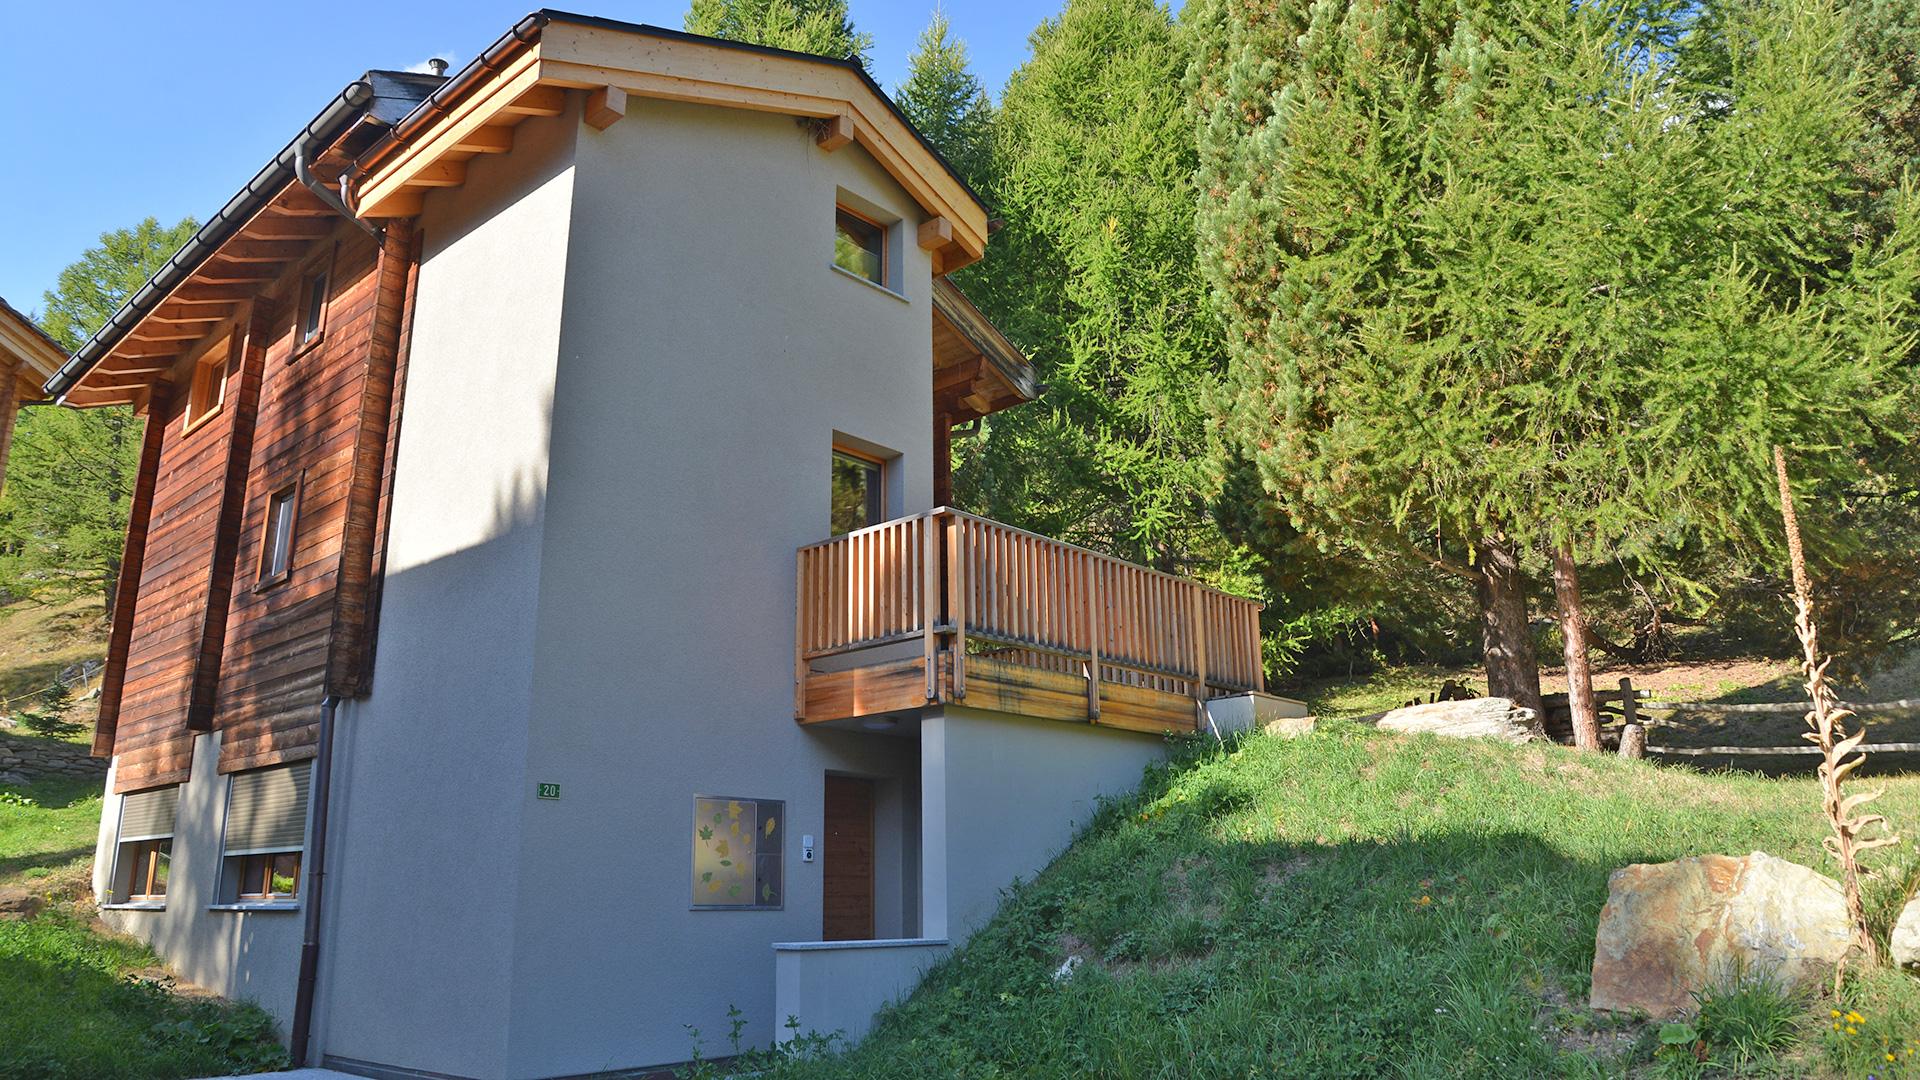 Chalet Murmeltier Chalet, Switzerland